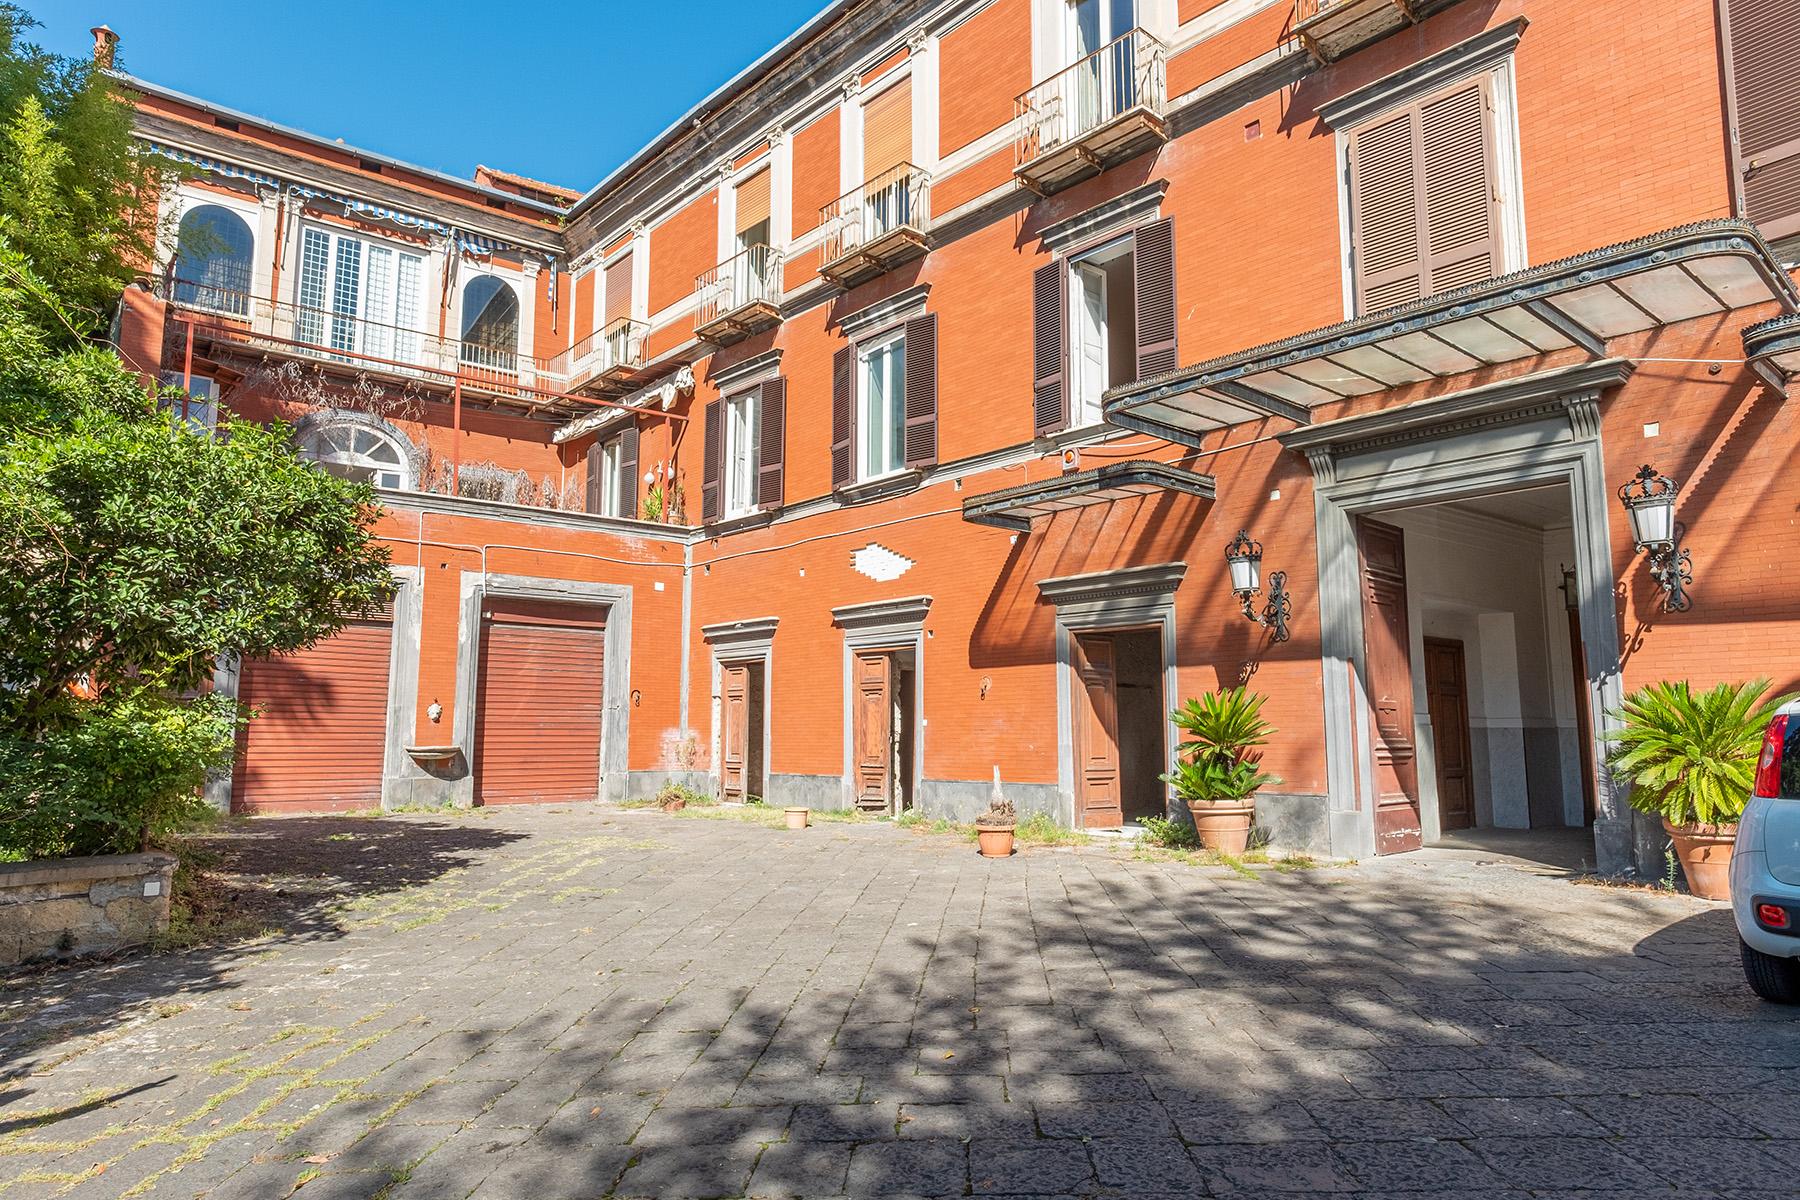 Casa indipendente in Vendita a Napoli: 5 locali, 300 mq - Foto 13